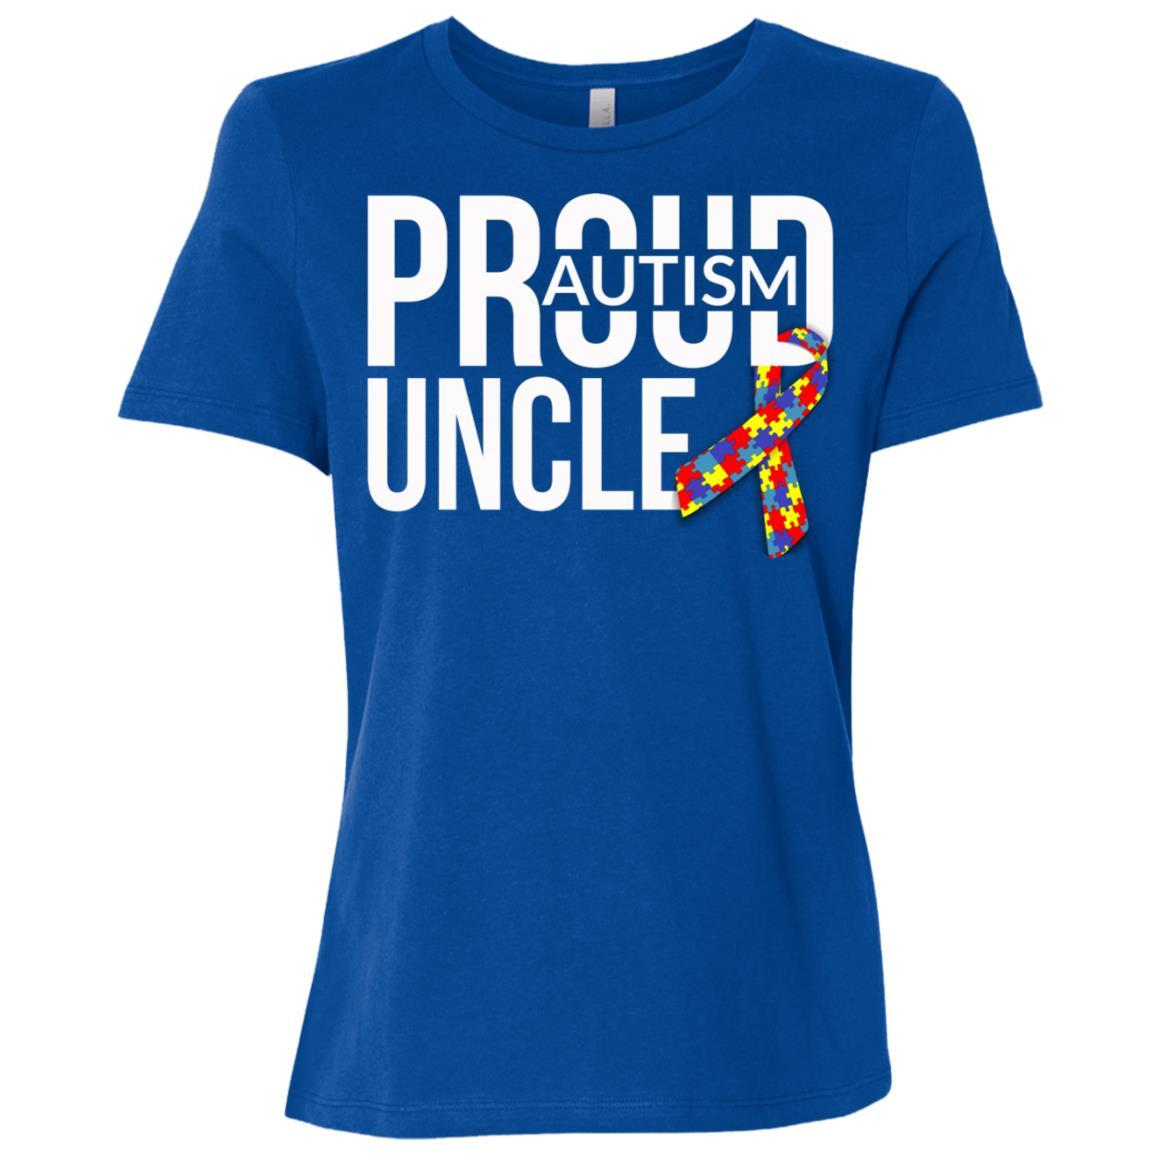 Mens Mens Proud Autism Uncle Autism Awareness Women Short Sleeve T-Shirt